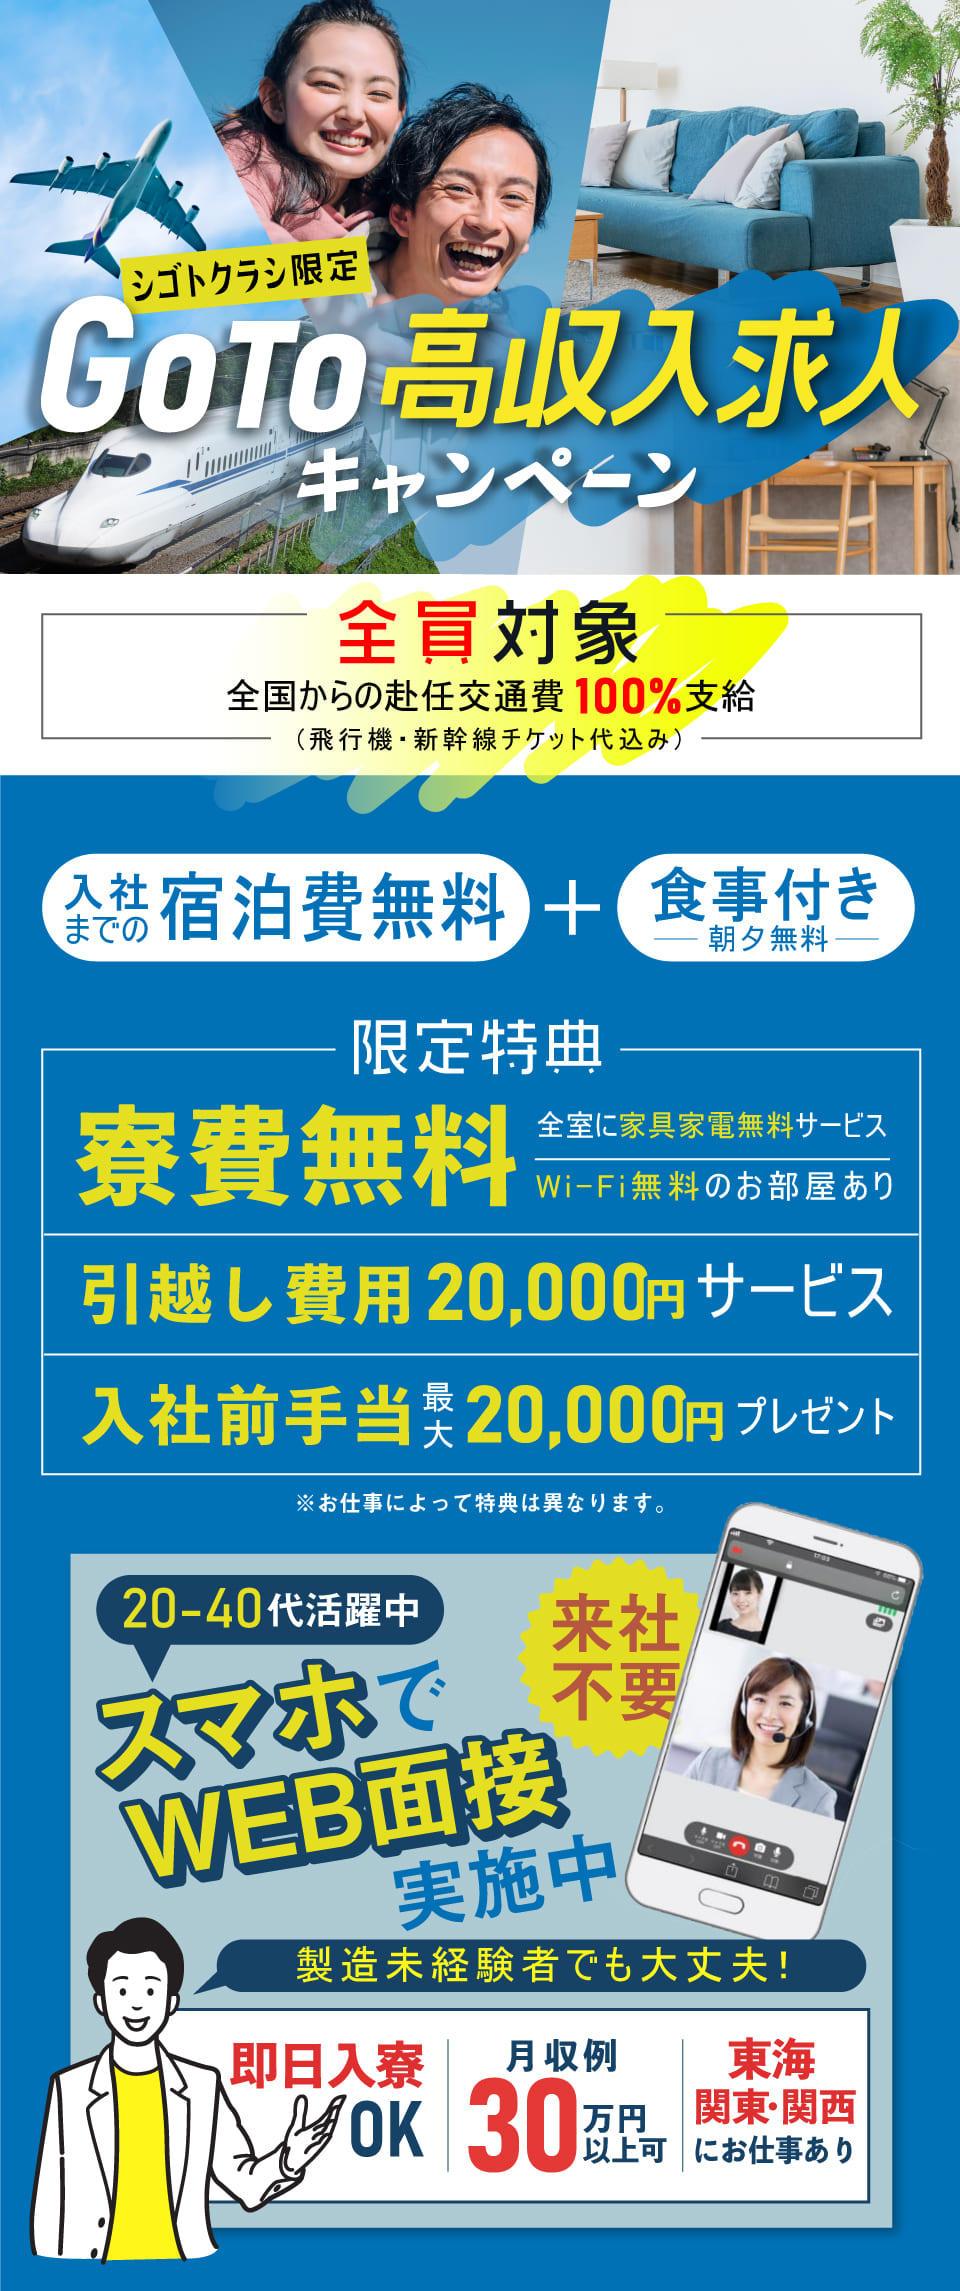 go to 高収入求人 キャンペーン